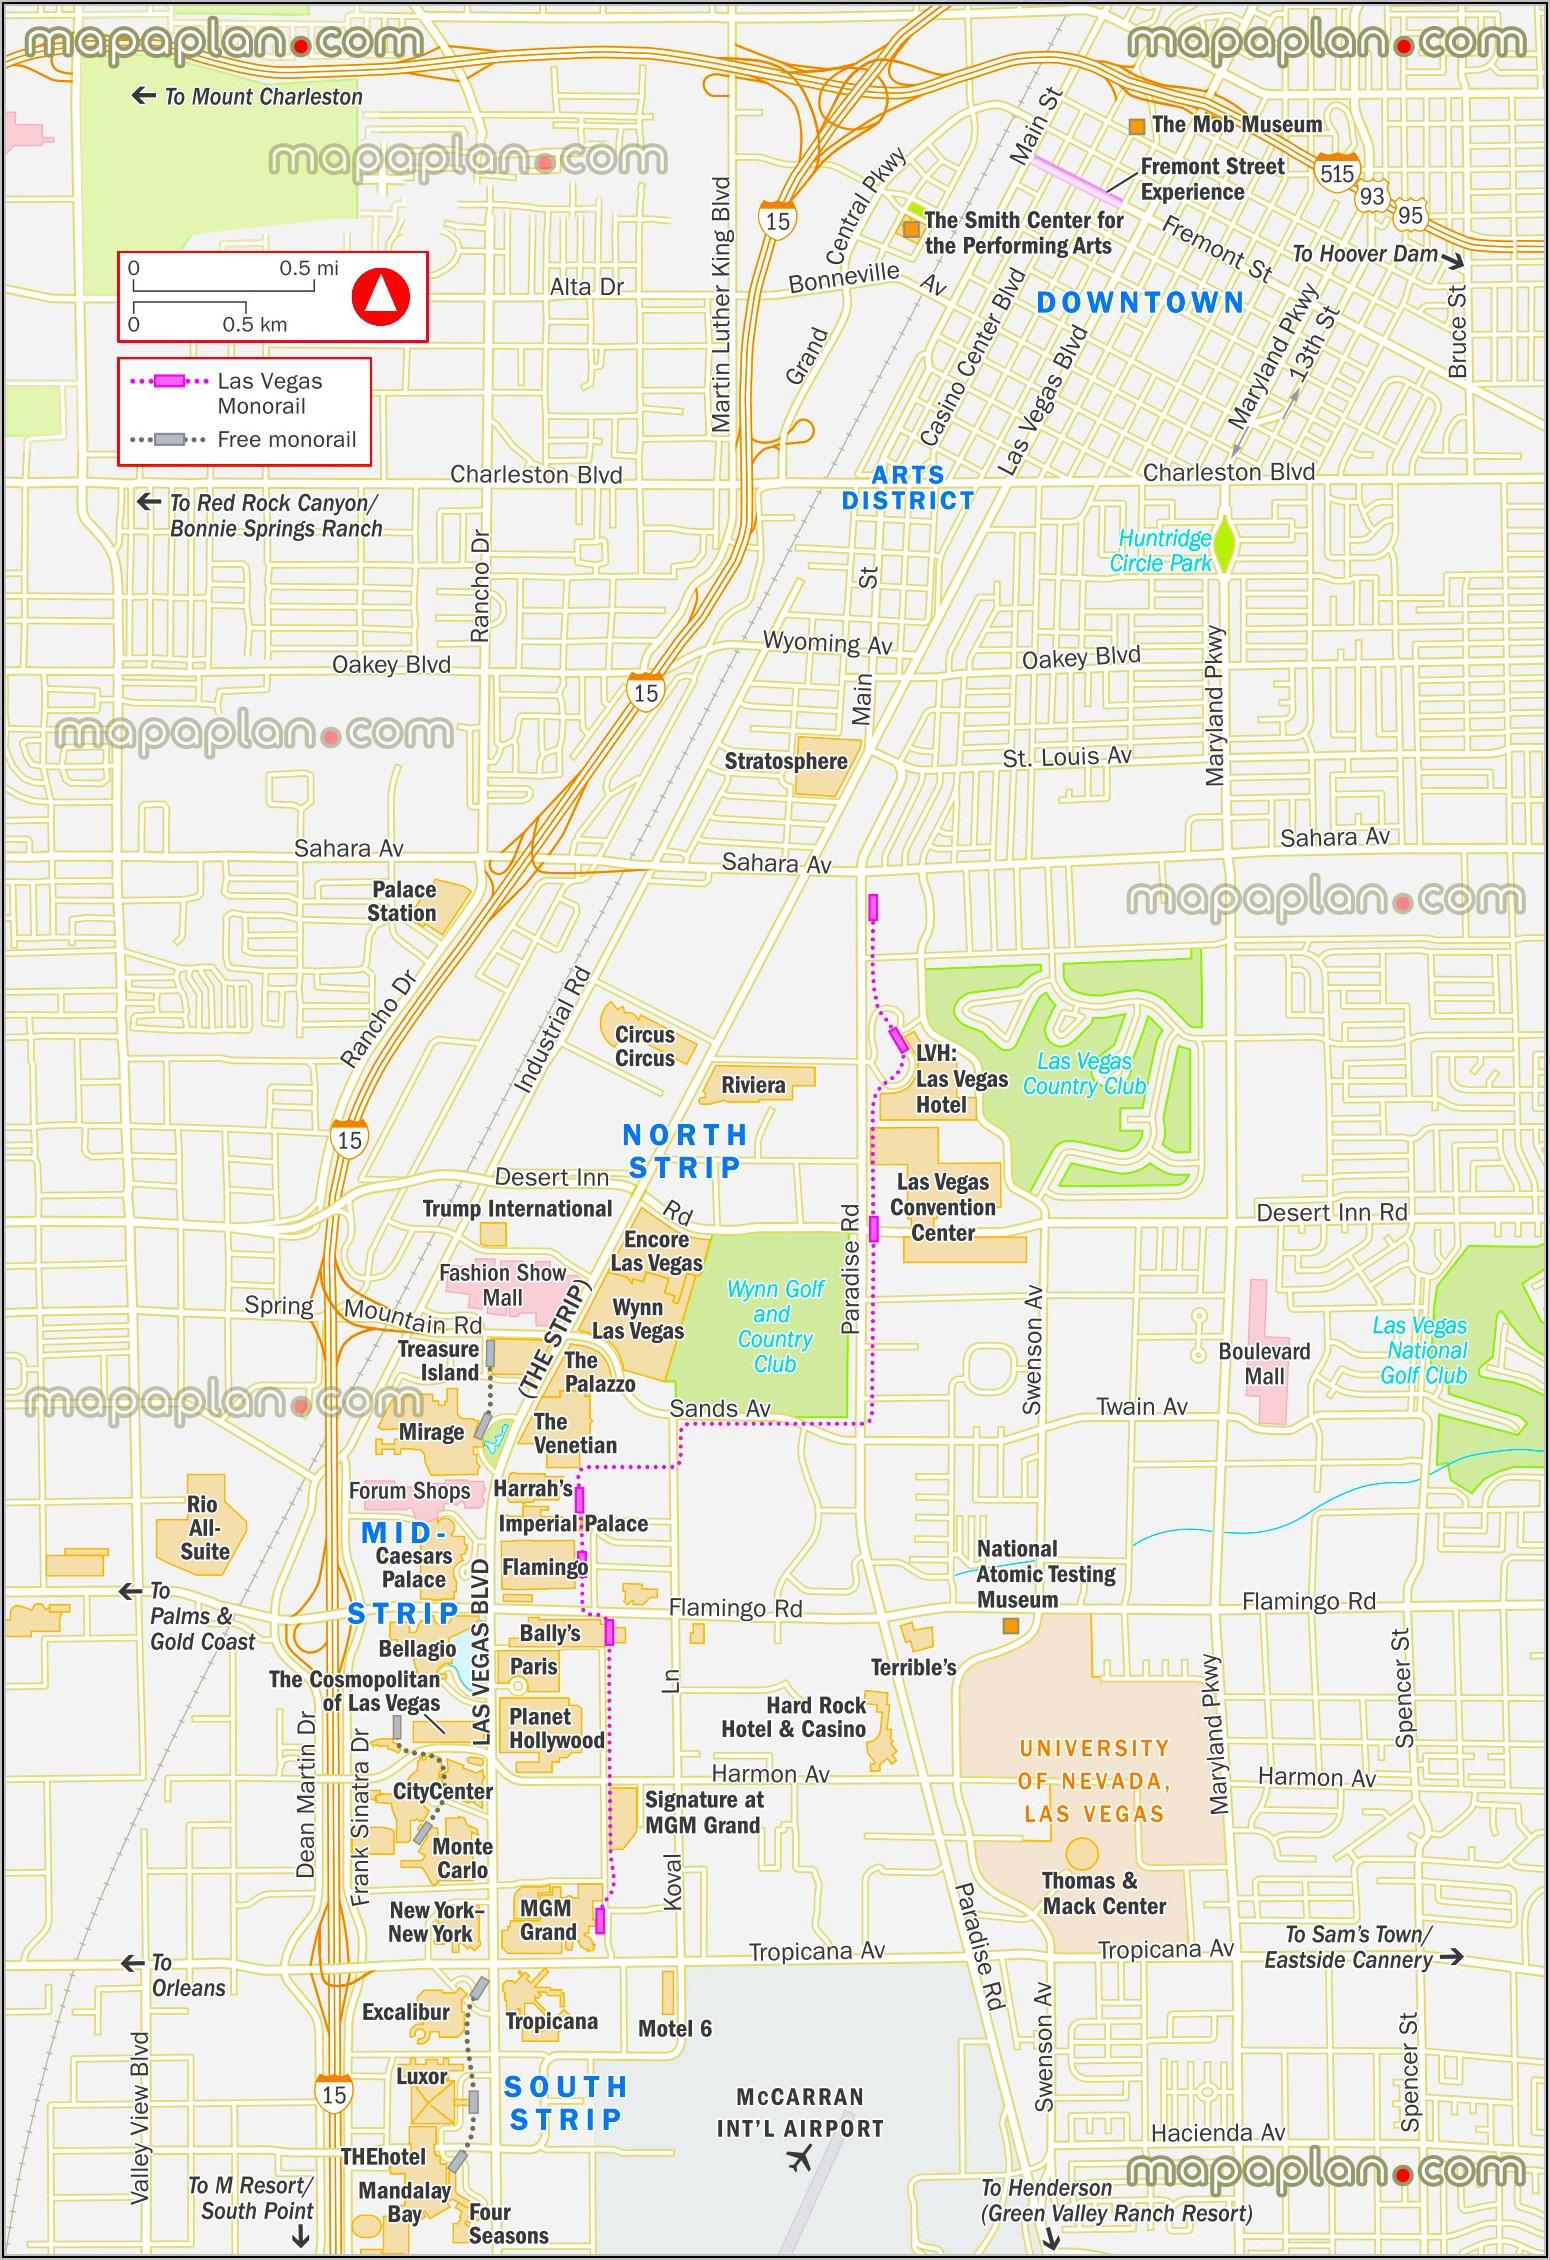 Free Monorail Las Vegas Map